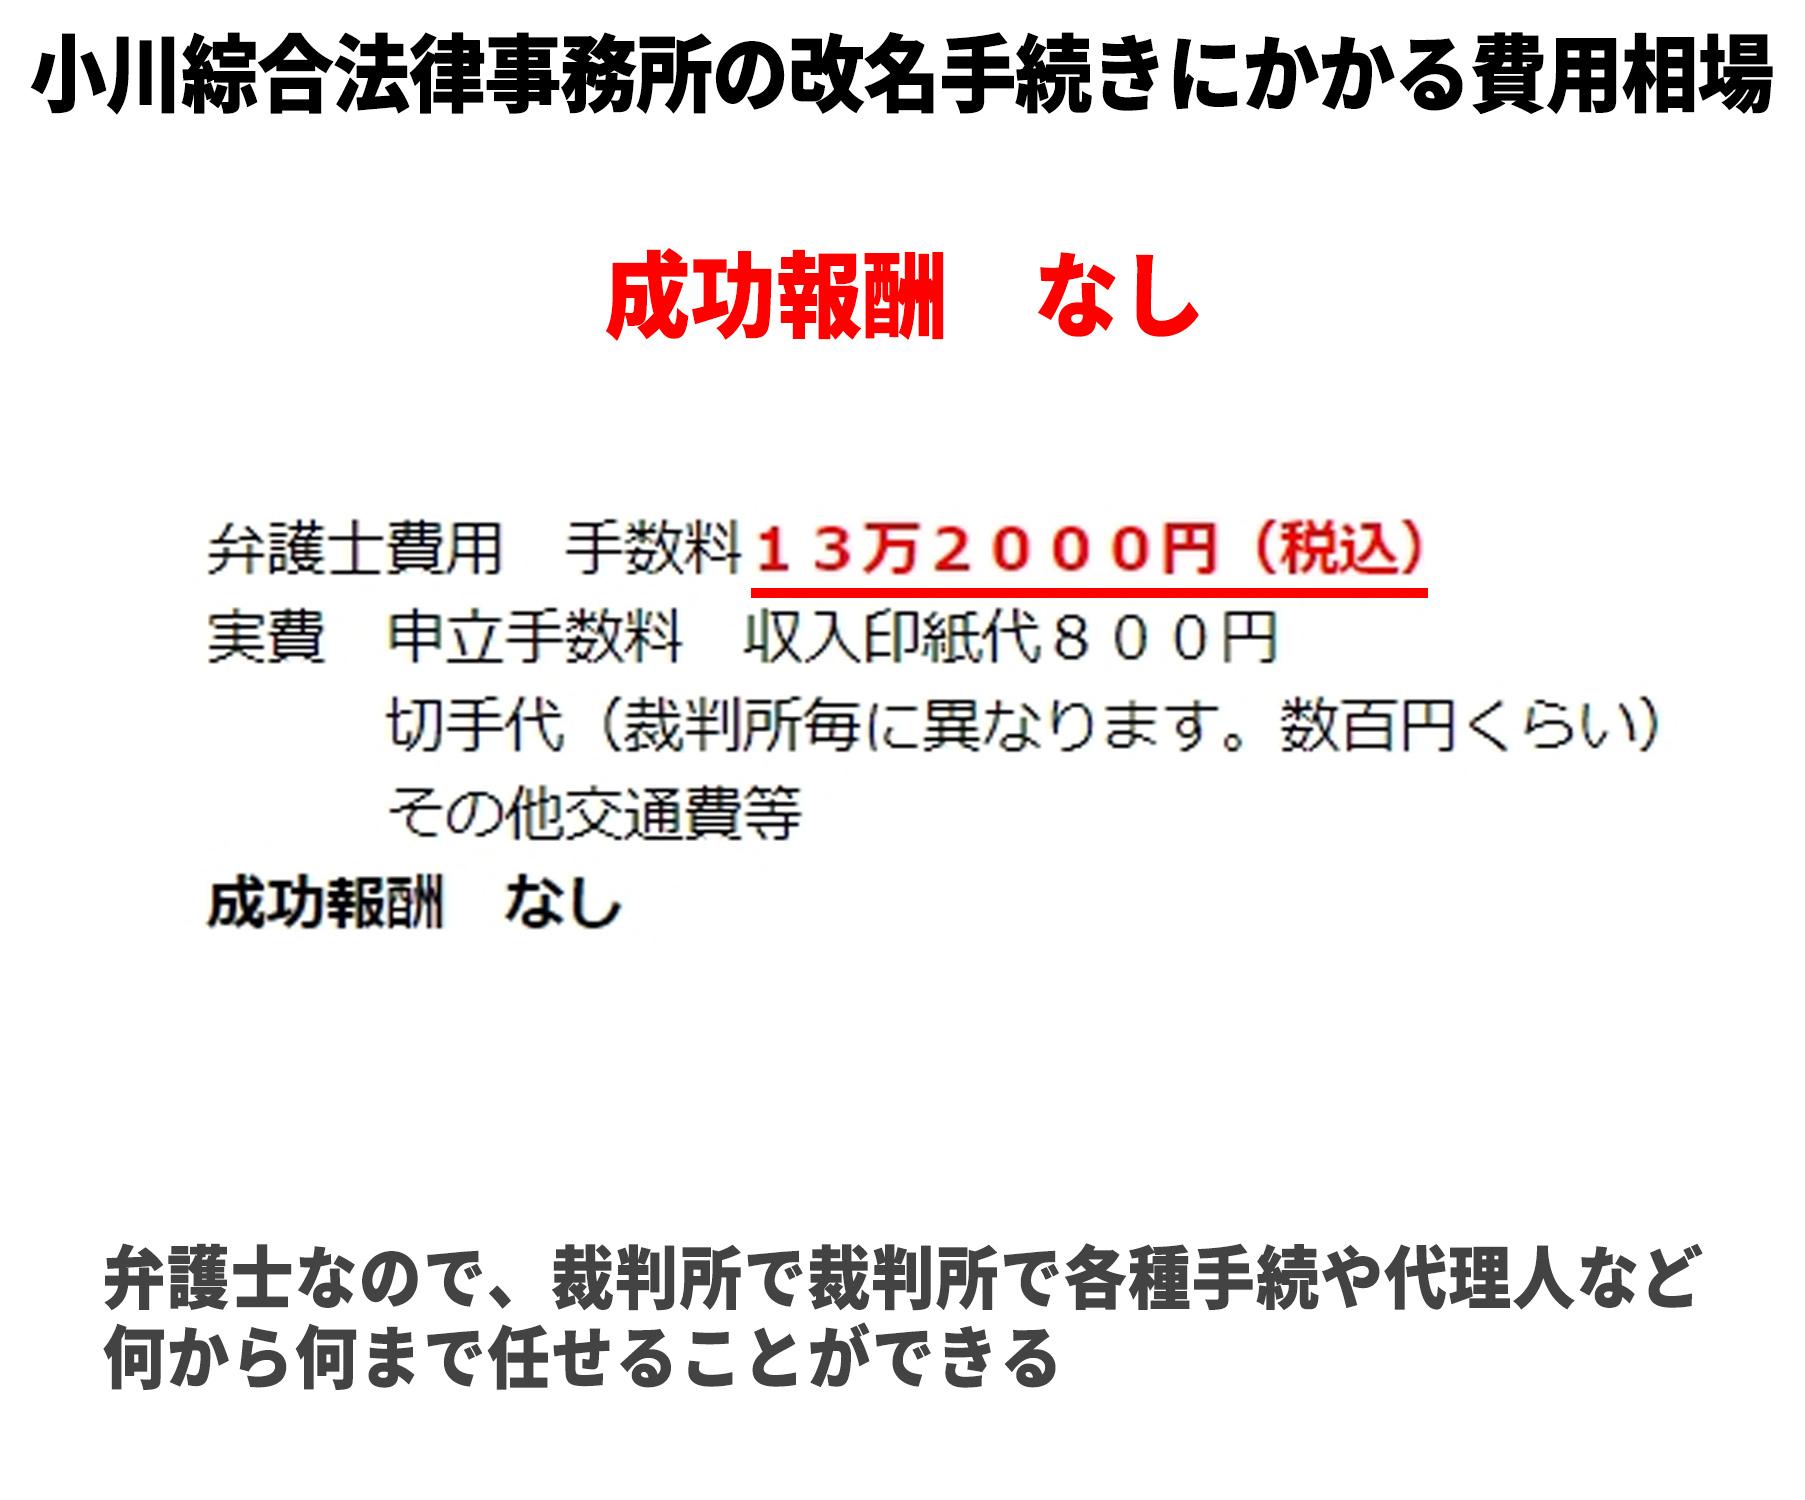 小川綜合法律事務所の改名手続きにかかる費用相場